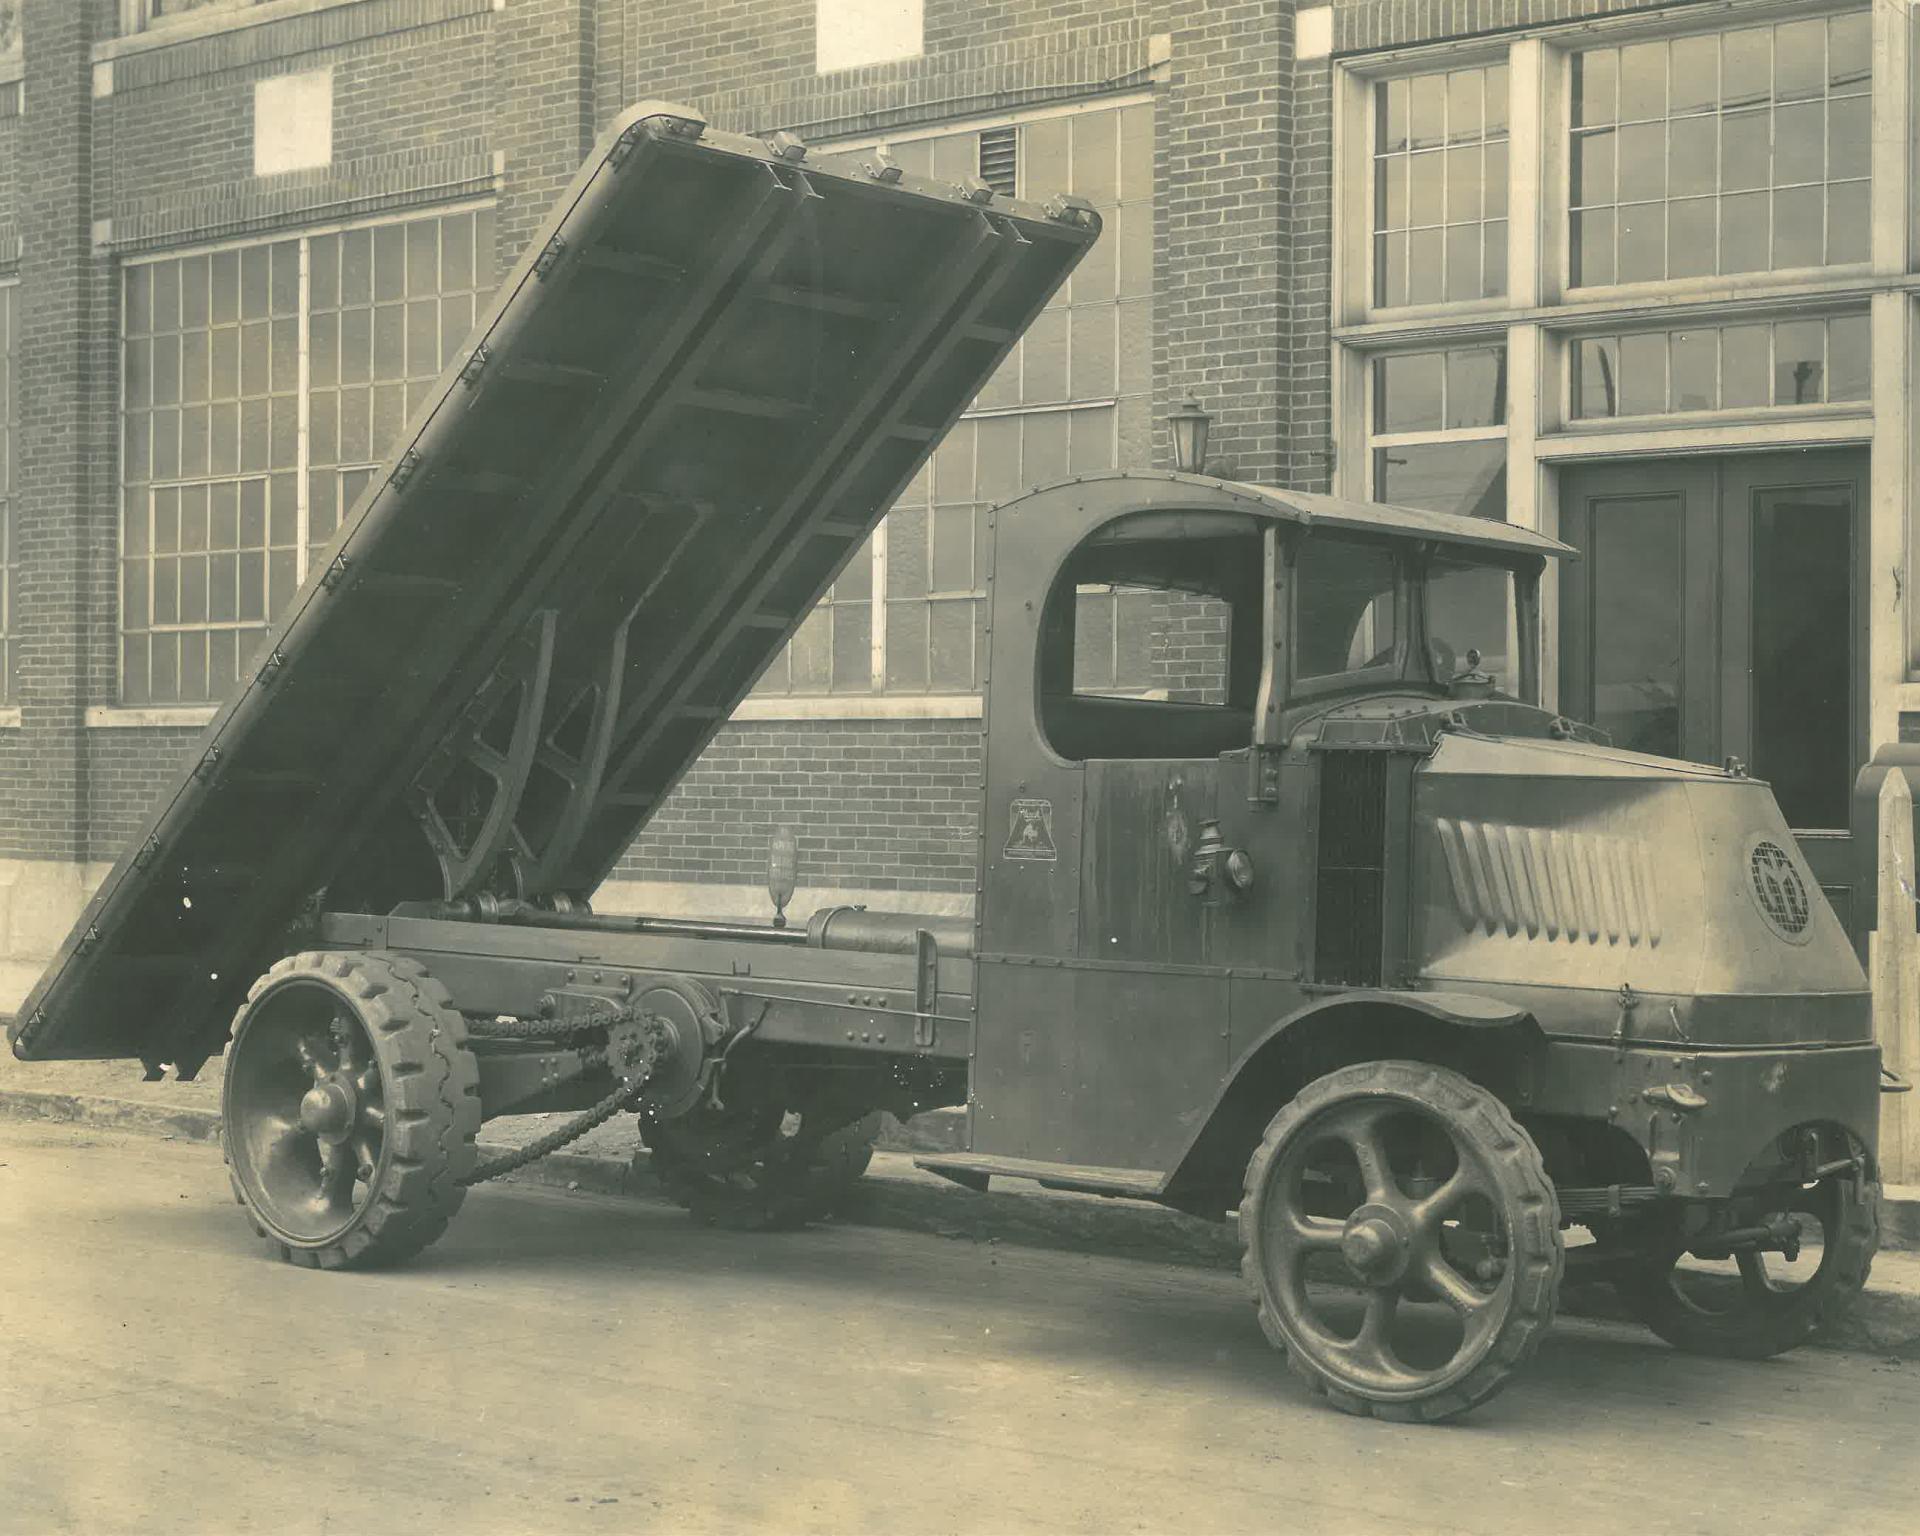 Time Capsule: Chain Driven Upfit Circa 1930s